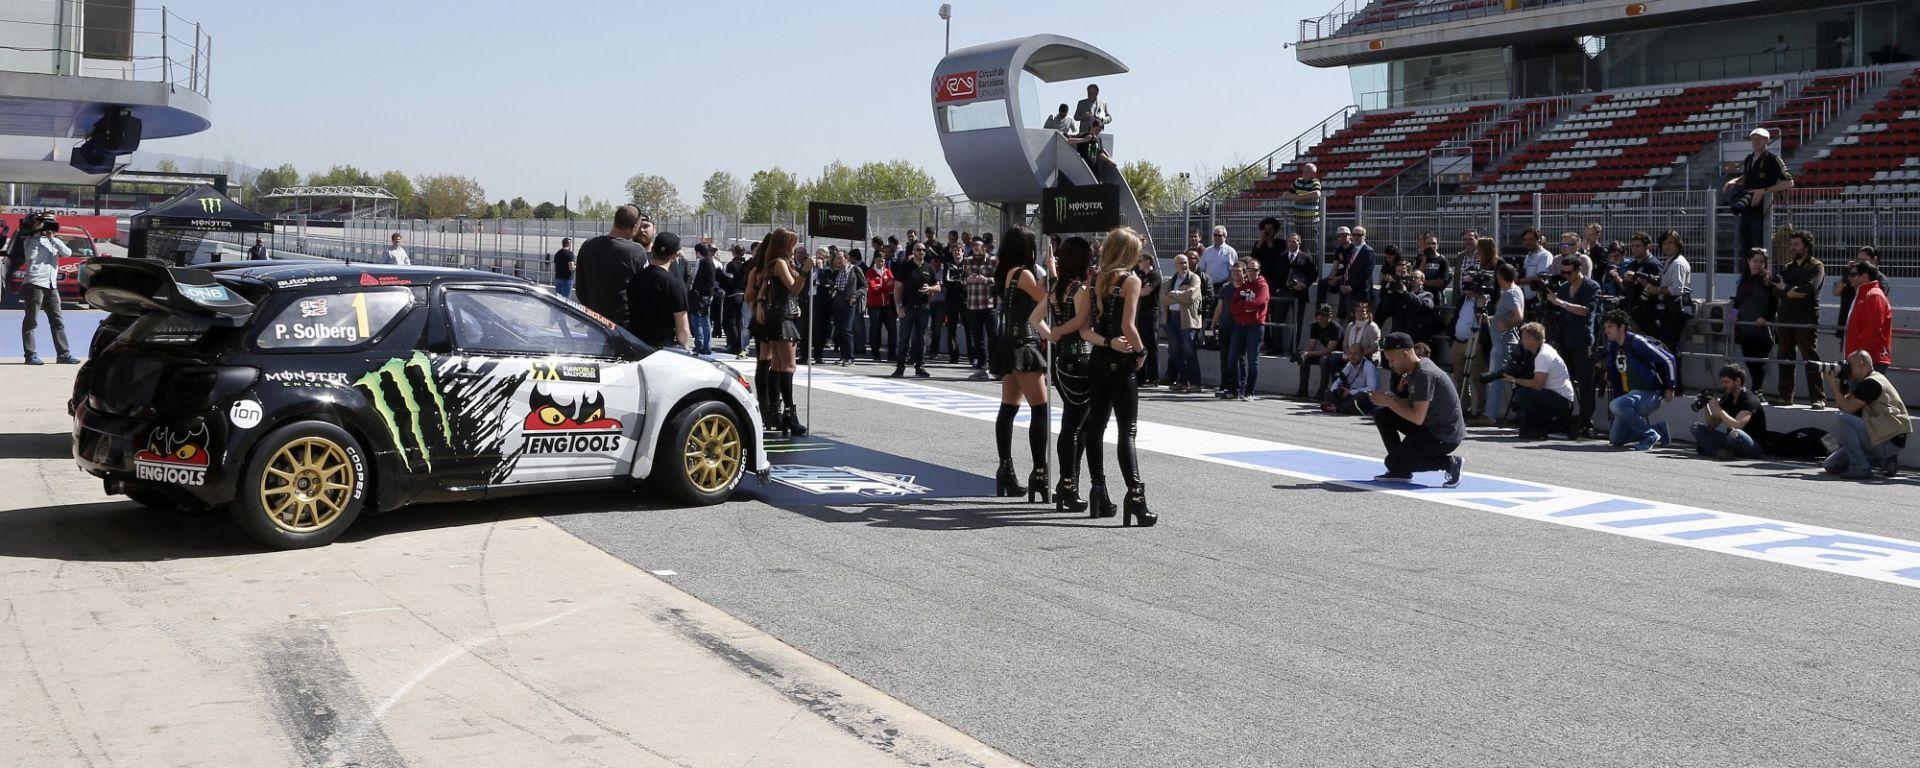 Rallycross 2018: GP Barcellona Spagna - Info, risultati, programma, orari